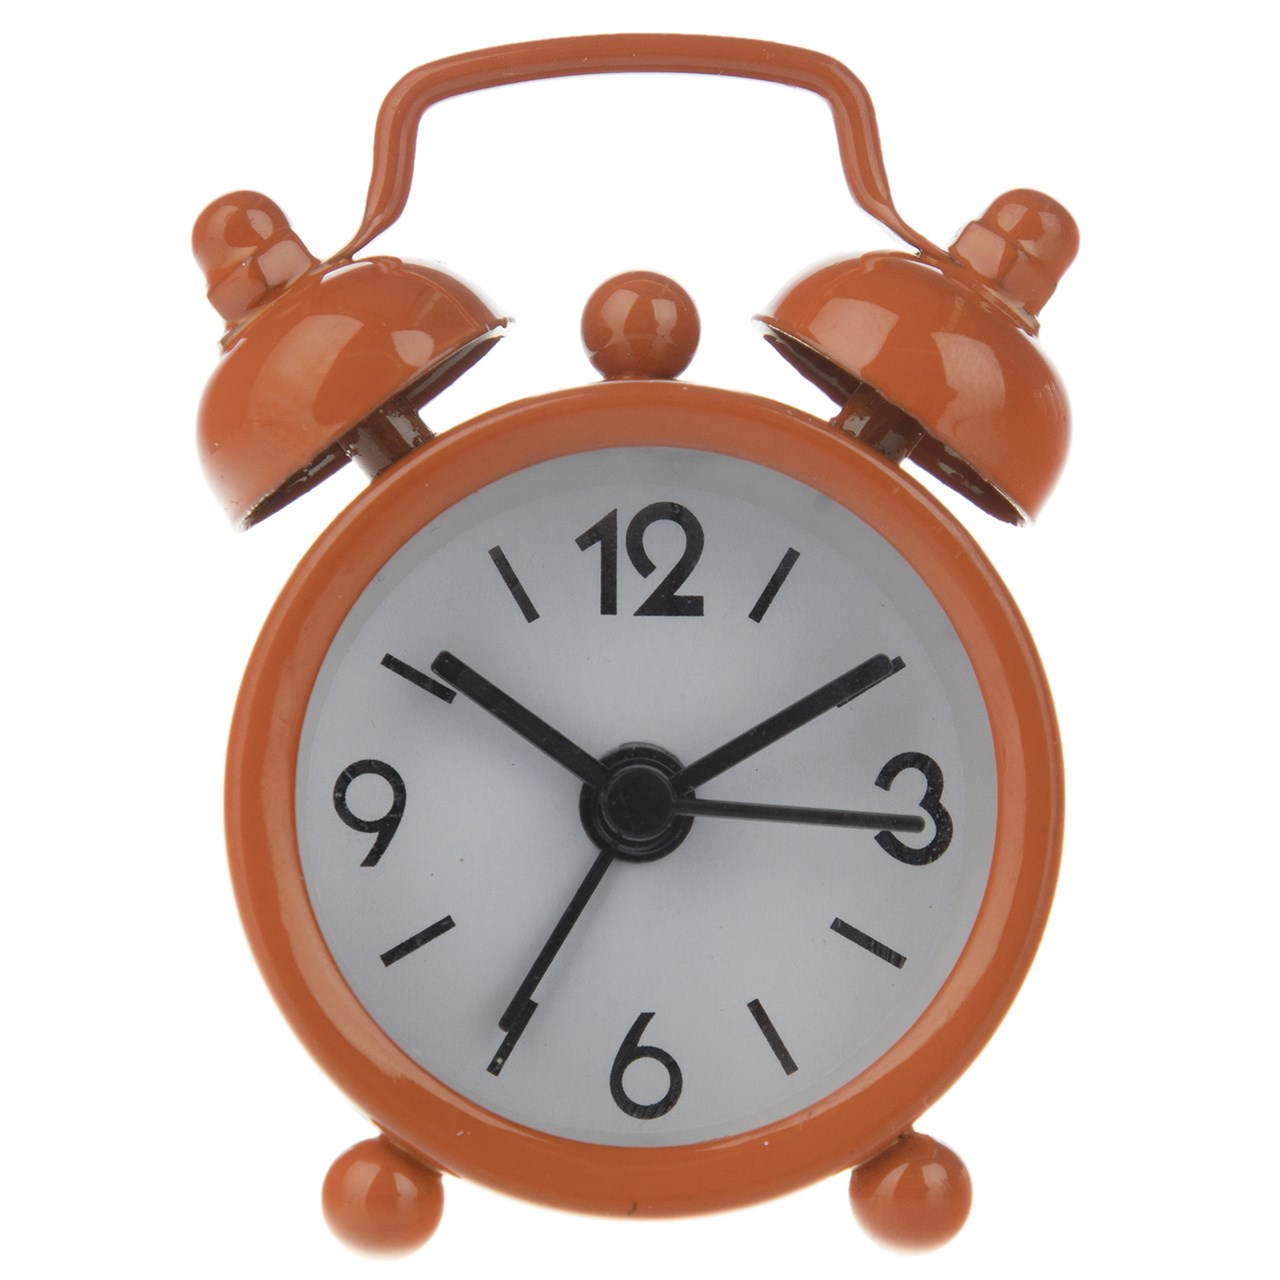 ساعت رومیزی مدل Simple 001